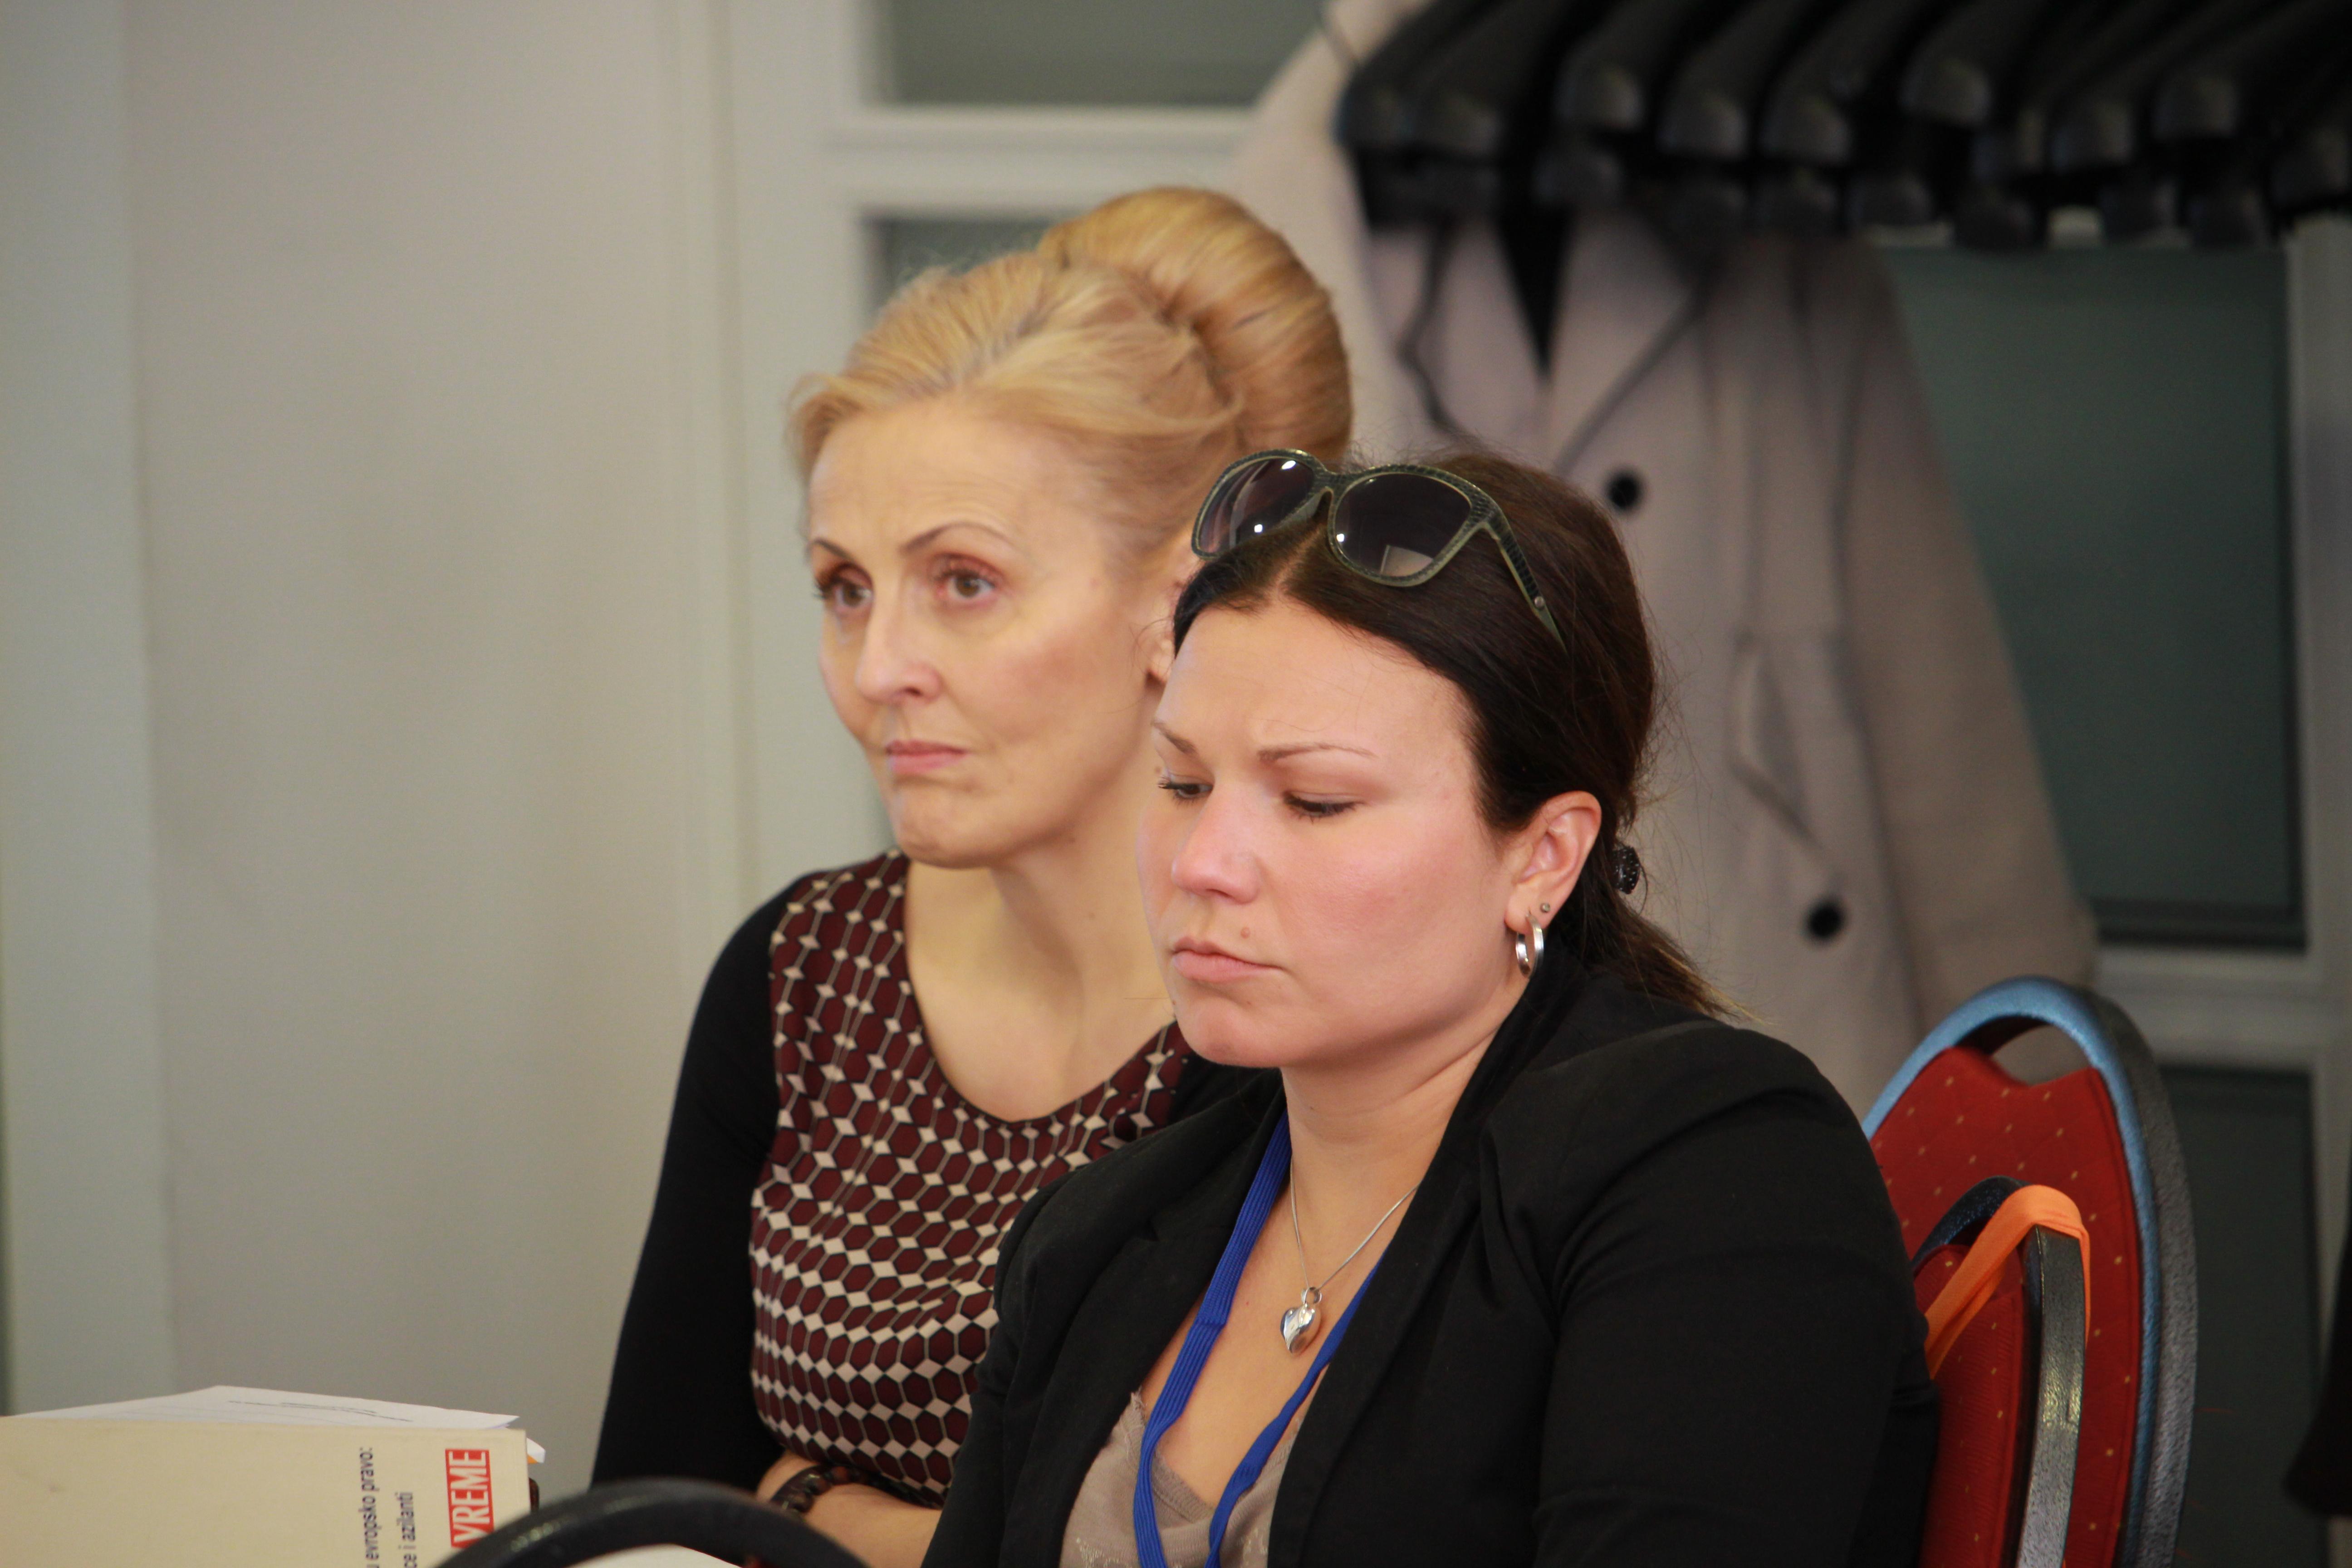 Working Group for Gender Based Violence established in Serbia